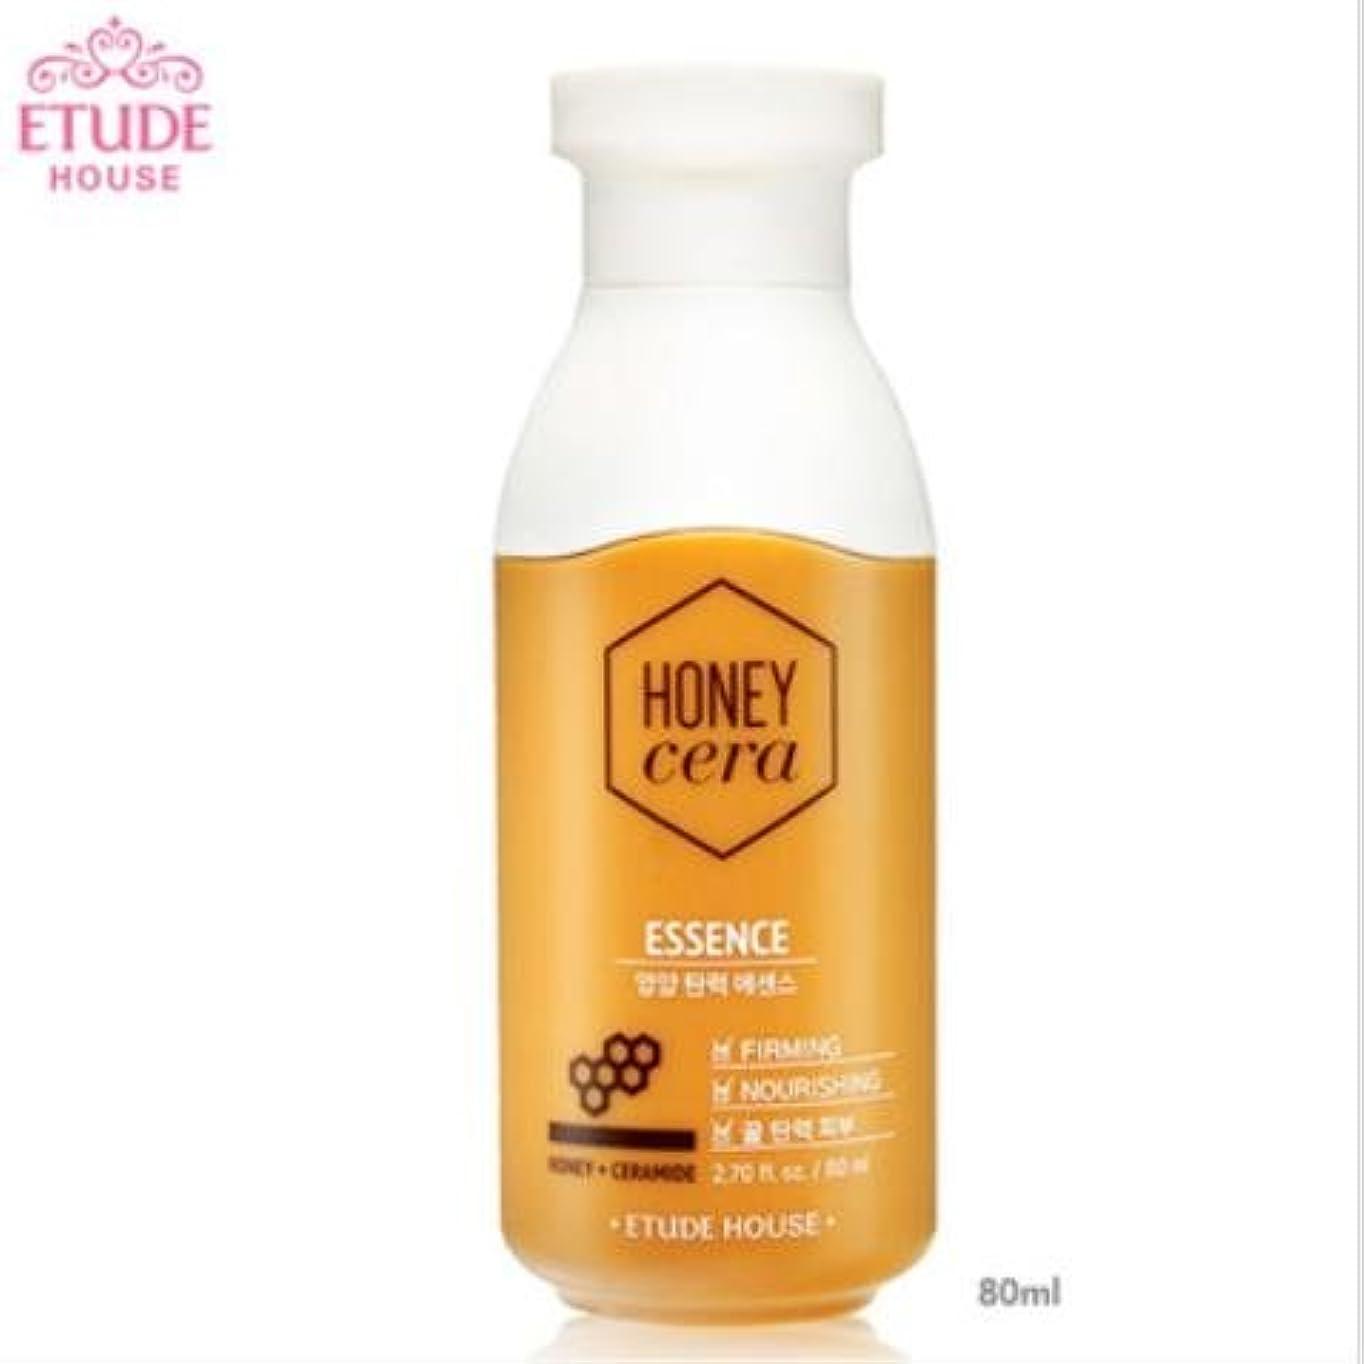 会社野望性別[エチュードハウス] ETUDE HOUSE [ハニーセラ 栄養弾力 エッセンス 80ml] (Honey Sarah nutrition elastic Essence 80ml) [並行輸入品]